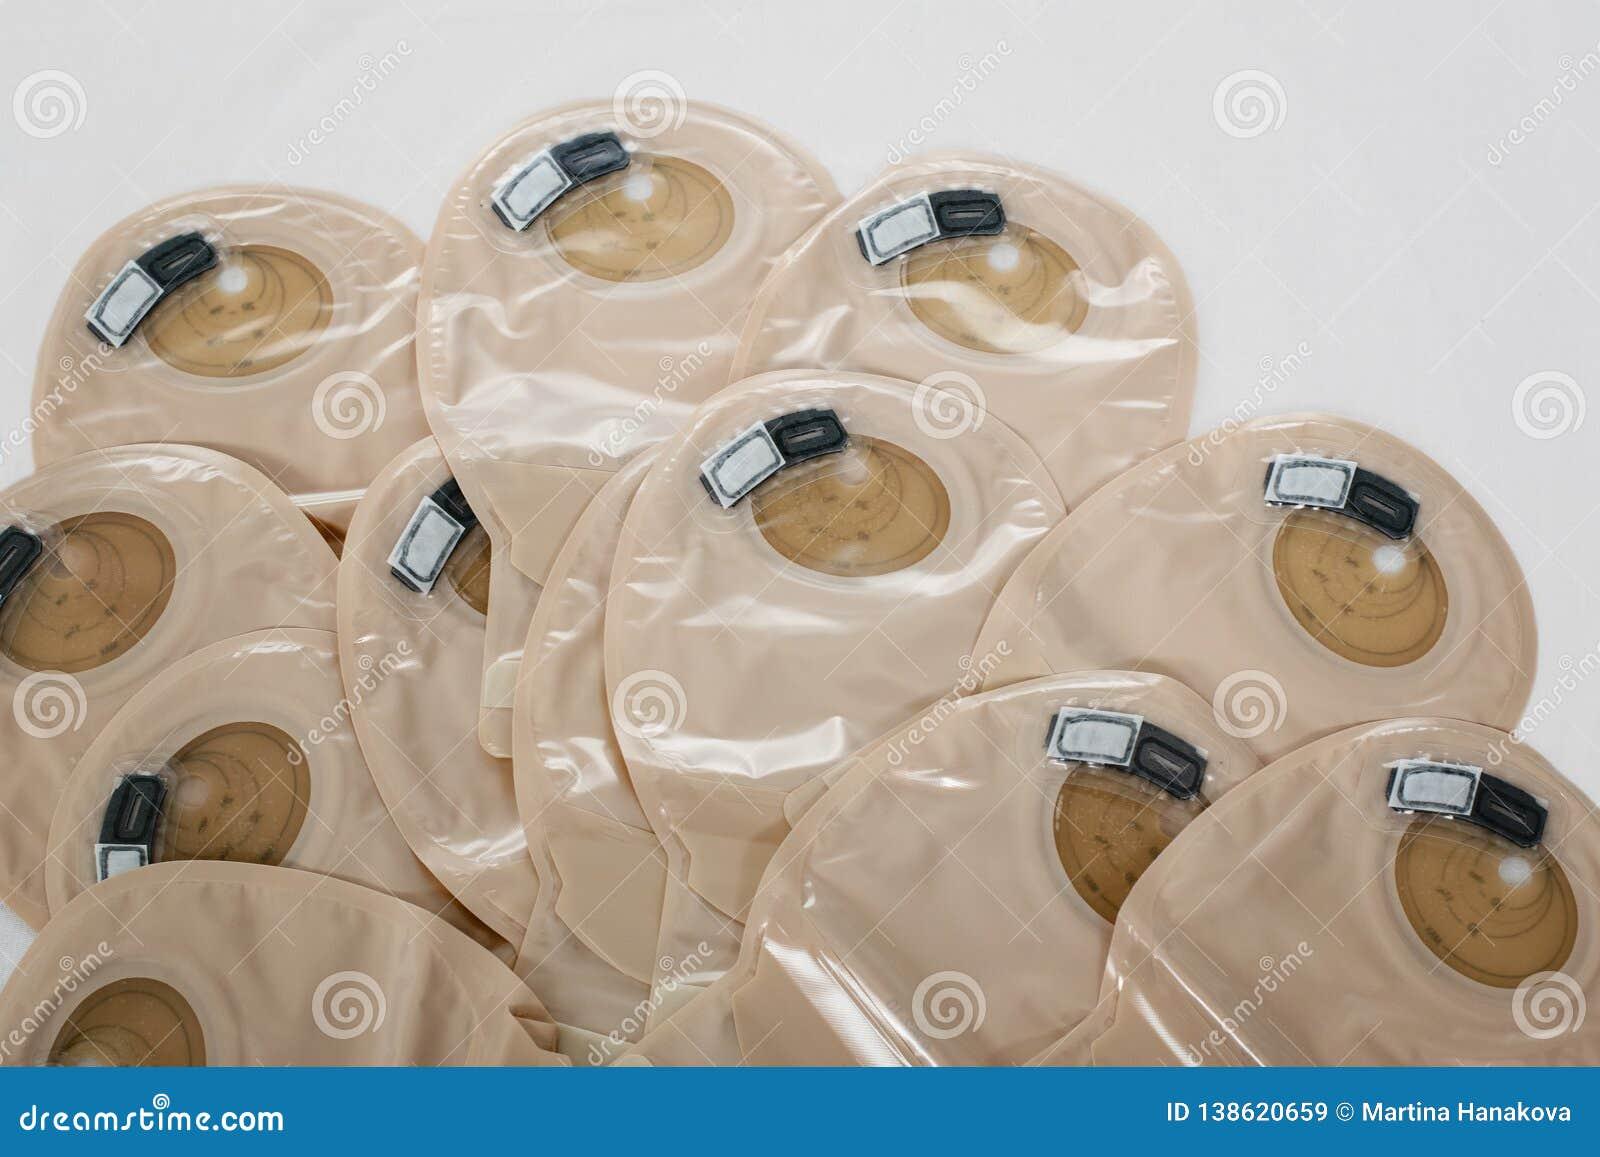 Ansicht über Stomataschen - Versorgungen nach Colostomychirurgie - Bild